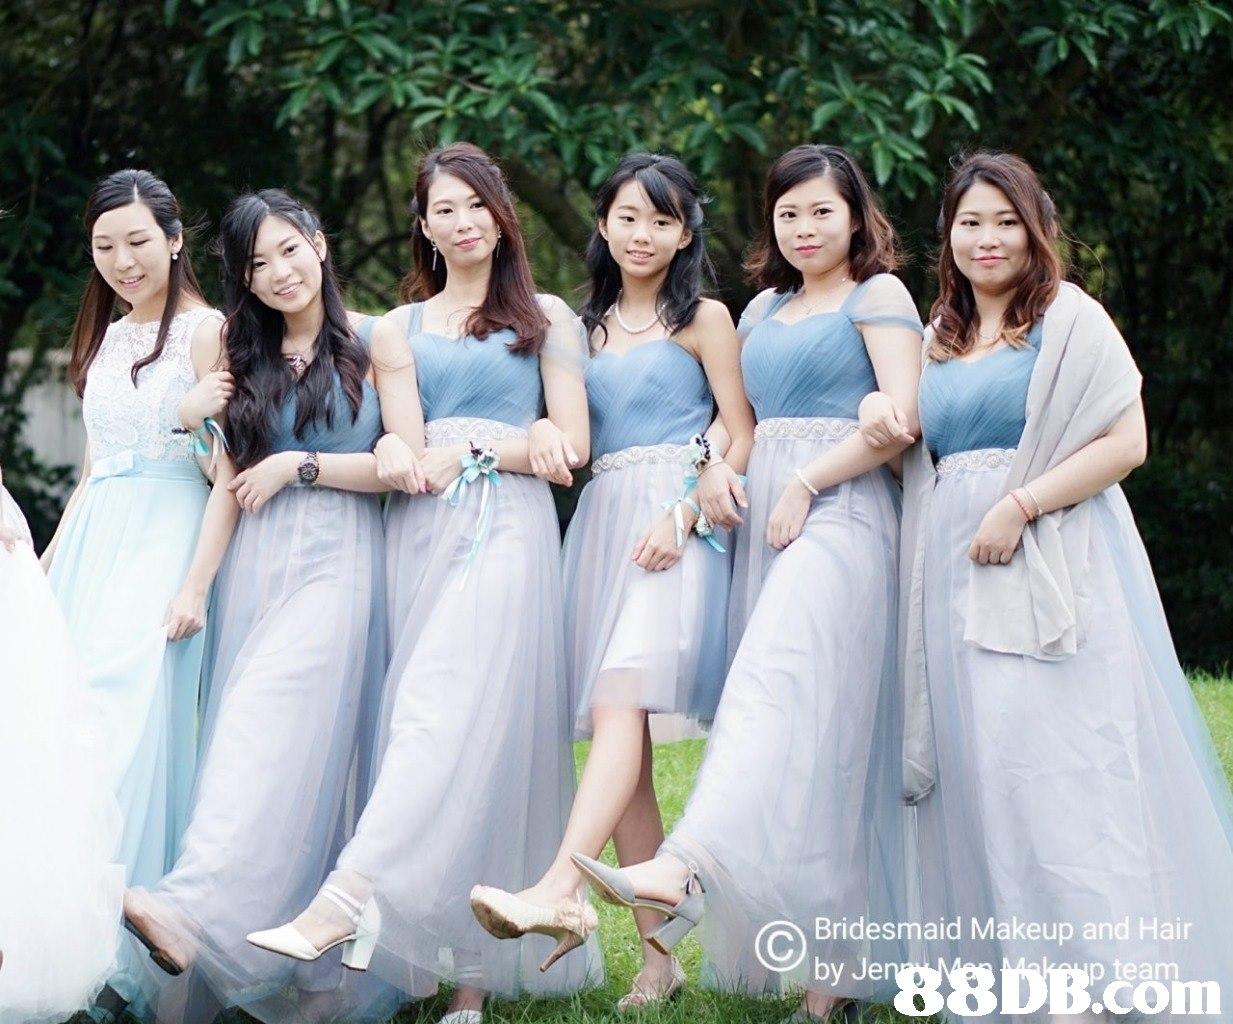 Bridesmaid Makeup and Hair com  Bridesmaid,Photograph,Dress,Bride,Bridal party dress